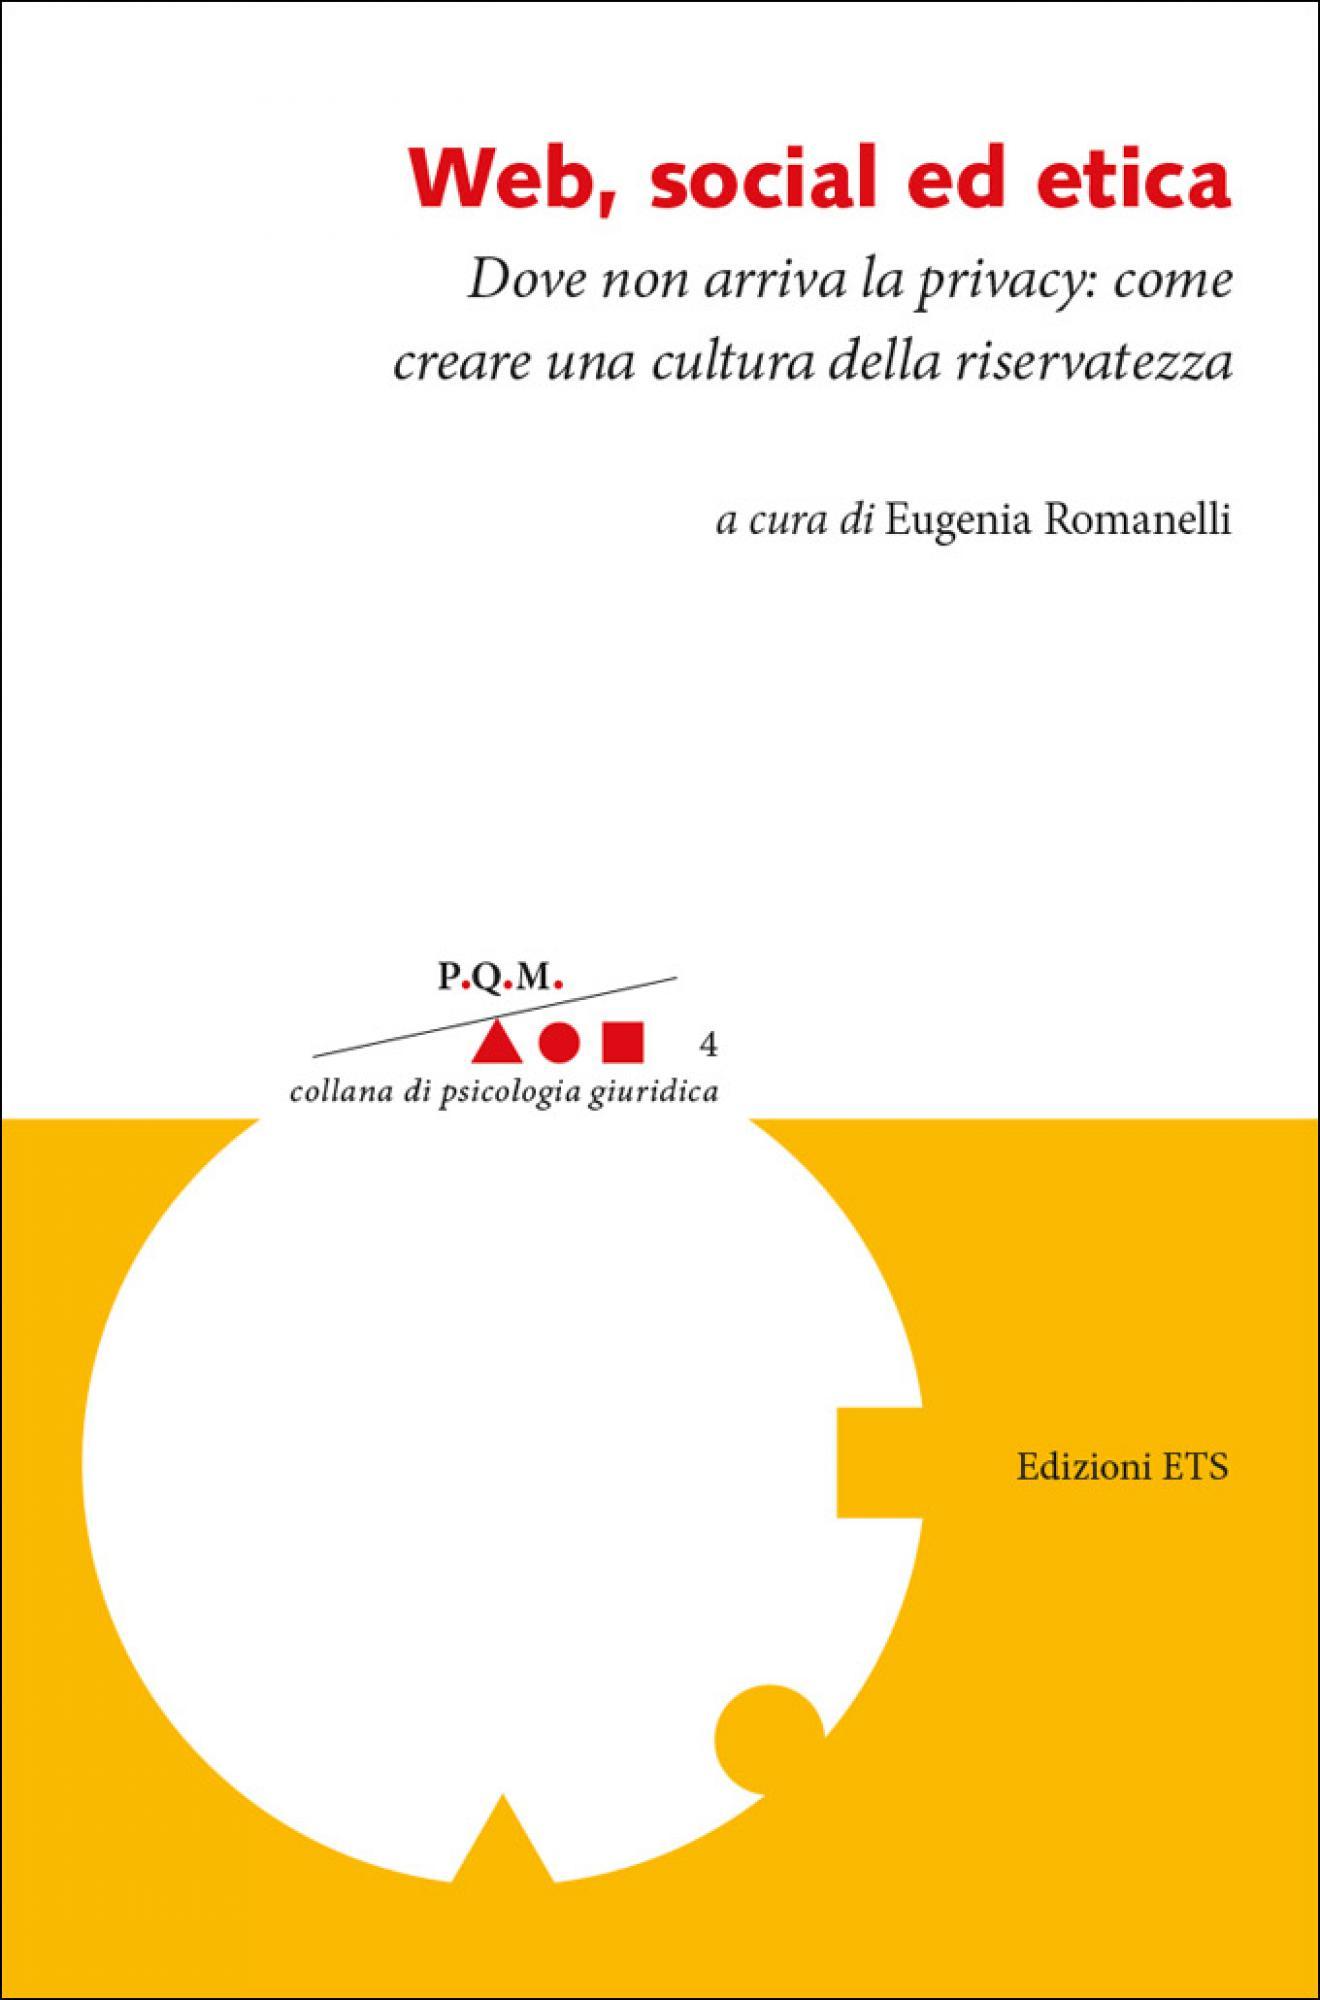 Web social etica prefazione Adriana Mazzucchelli